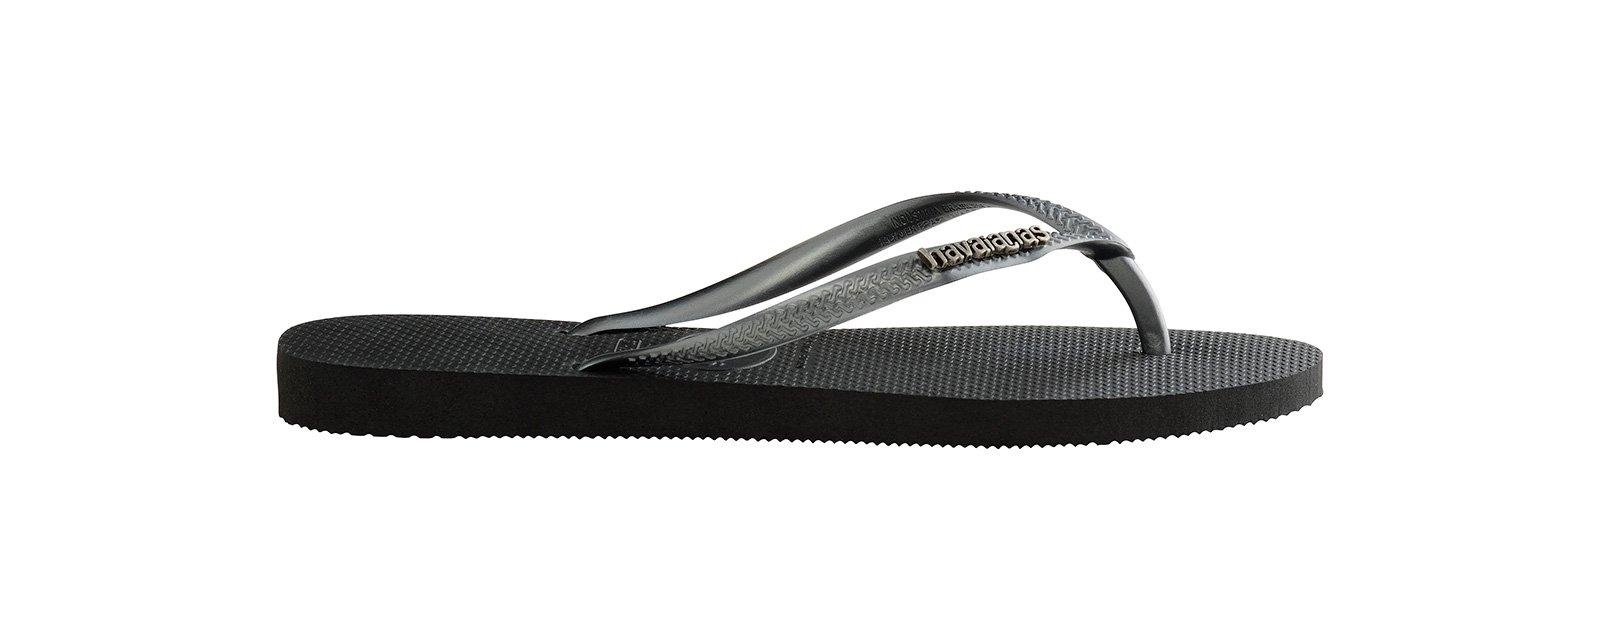 81c143c6d3fa25 ... Black Flip Flops - Havaianas Slim Logo Metallic Black Graphite ...